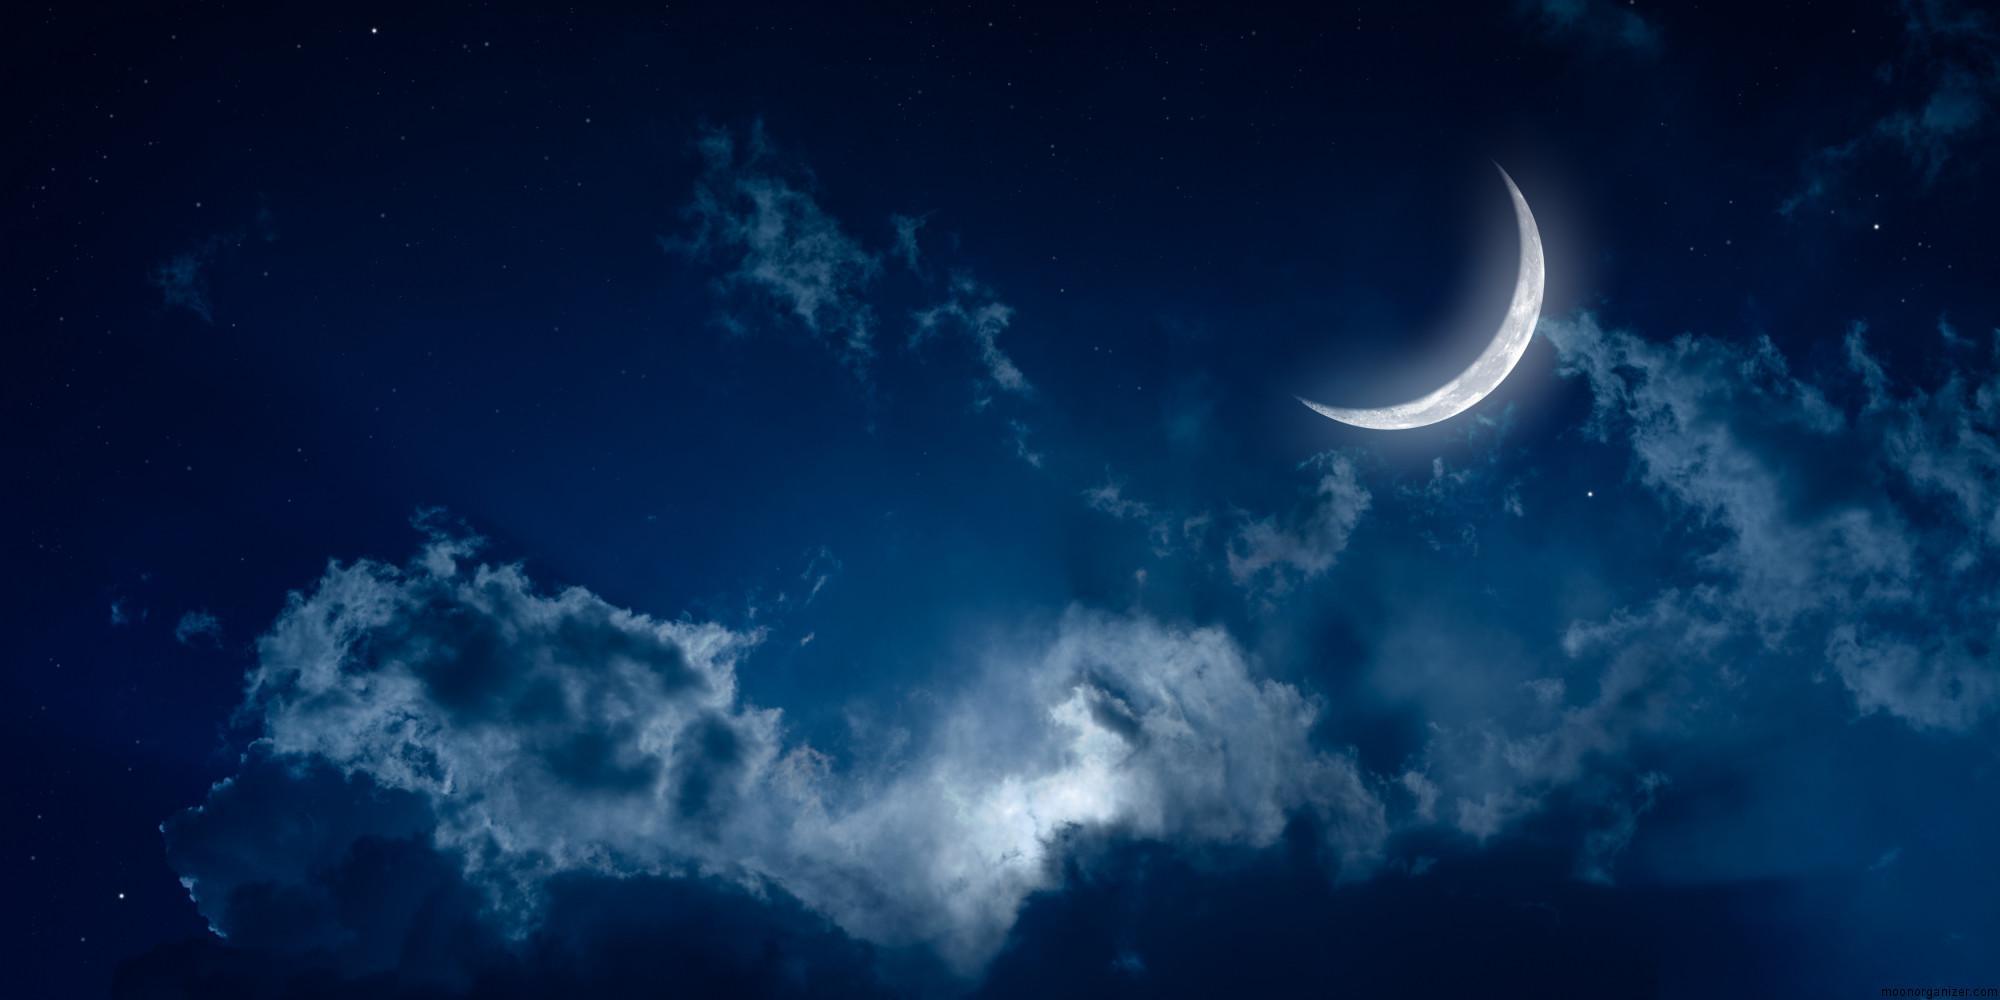 1 четверть лунного цикла